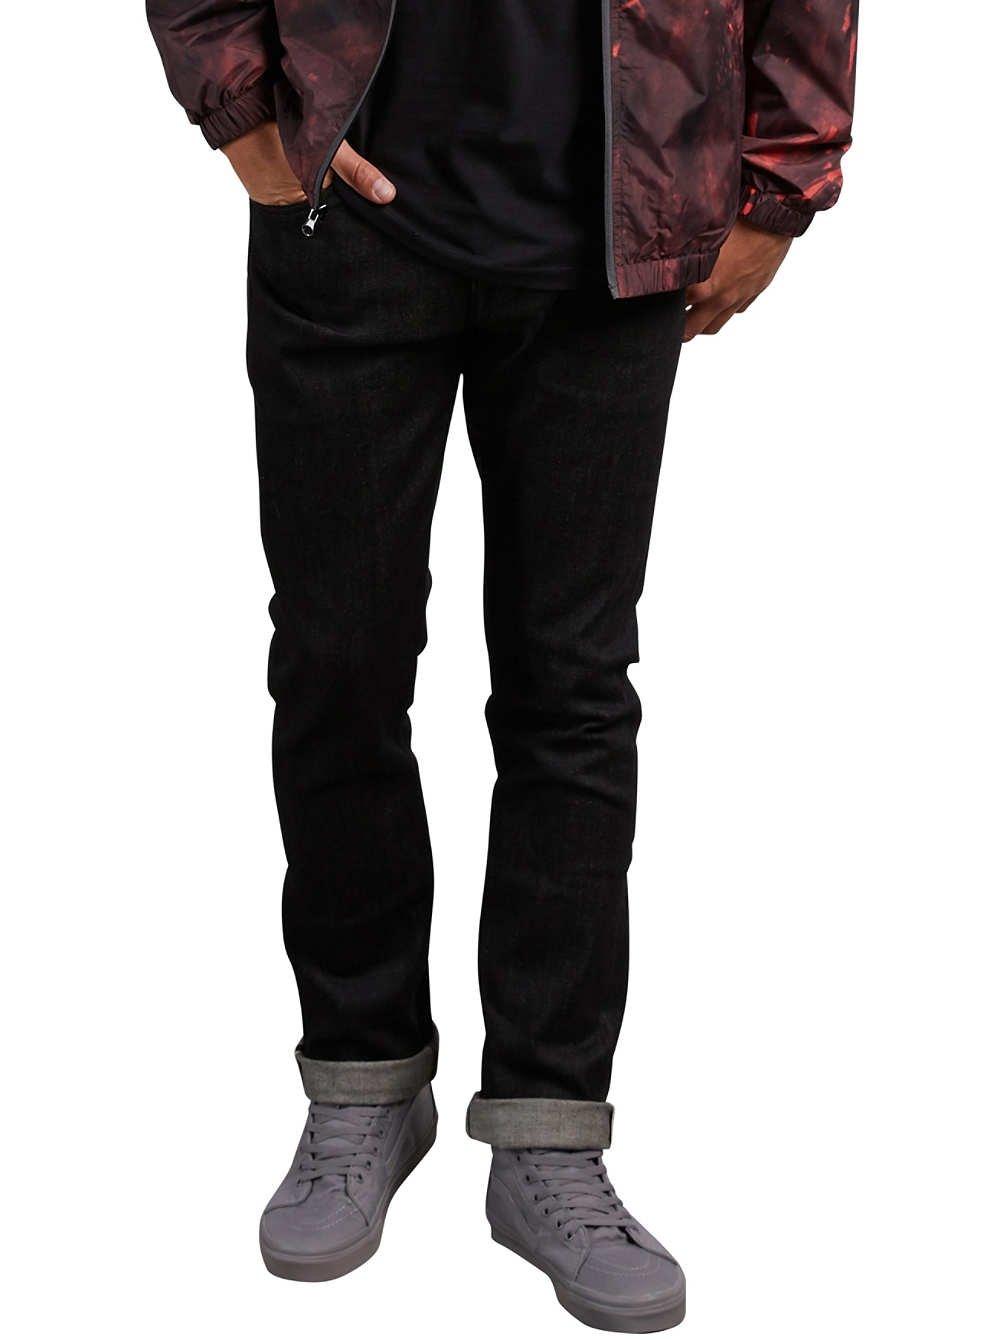 (ボルコム)VOLCOM スリム ストレッチ ストレート デニム (ローライズタイプ) 【 Vorta Denim 】 A1931501 B077P6YW3X 33W x 34L|Black Selvedge Black Selvedge 33W x 34L